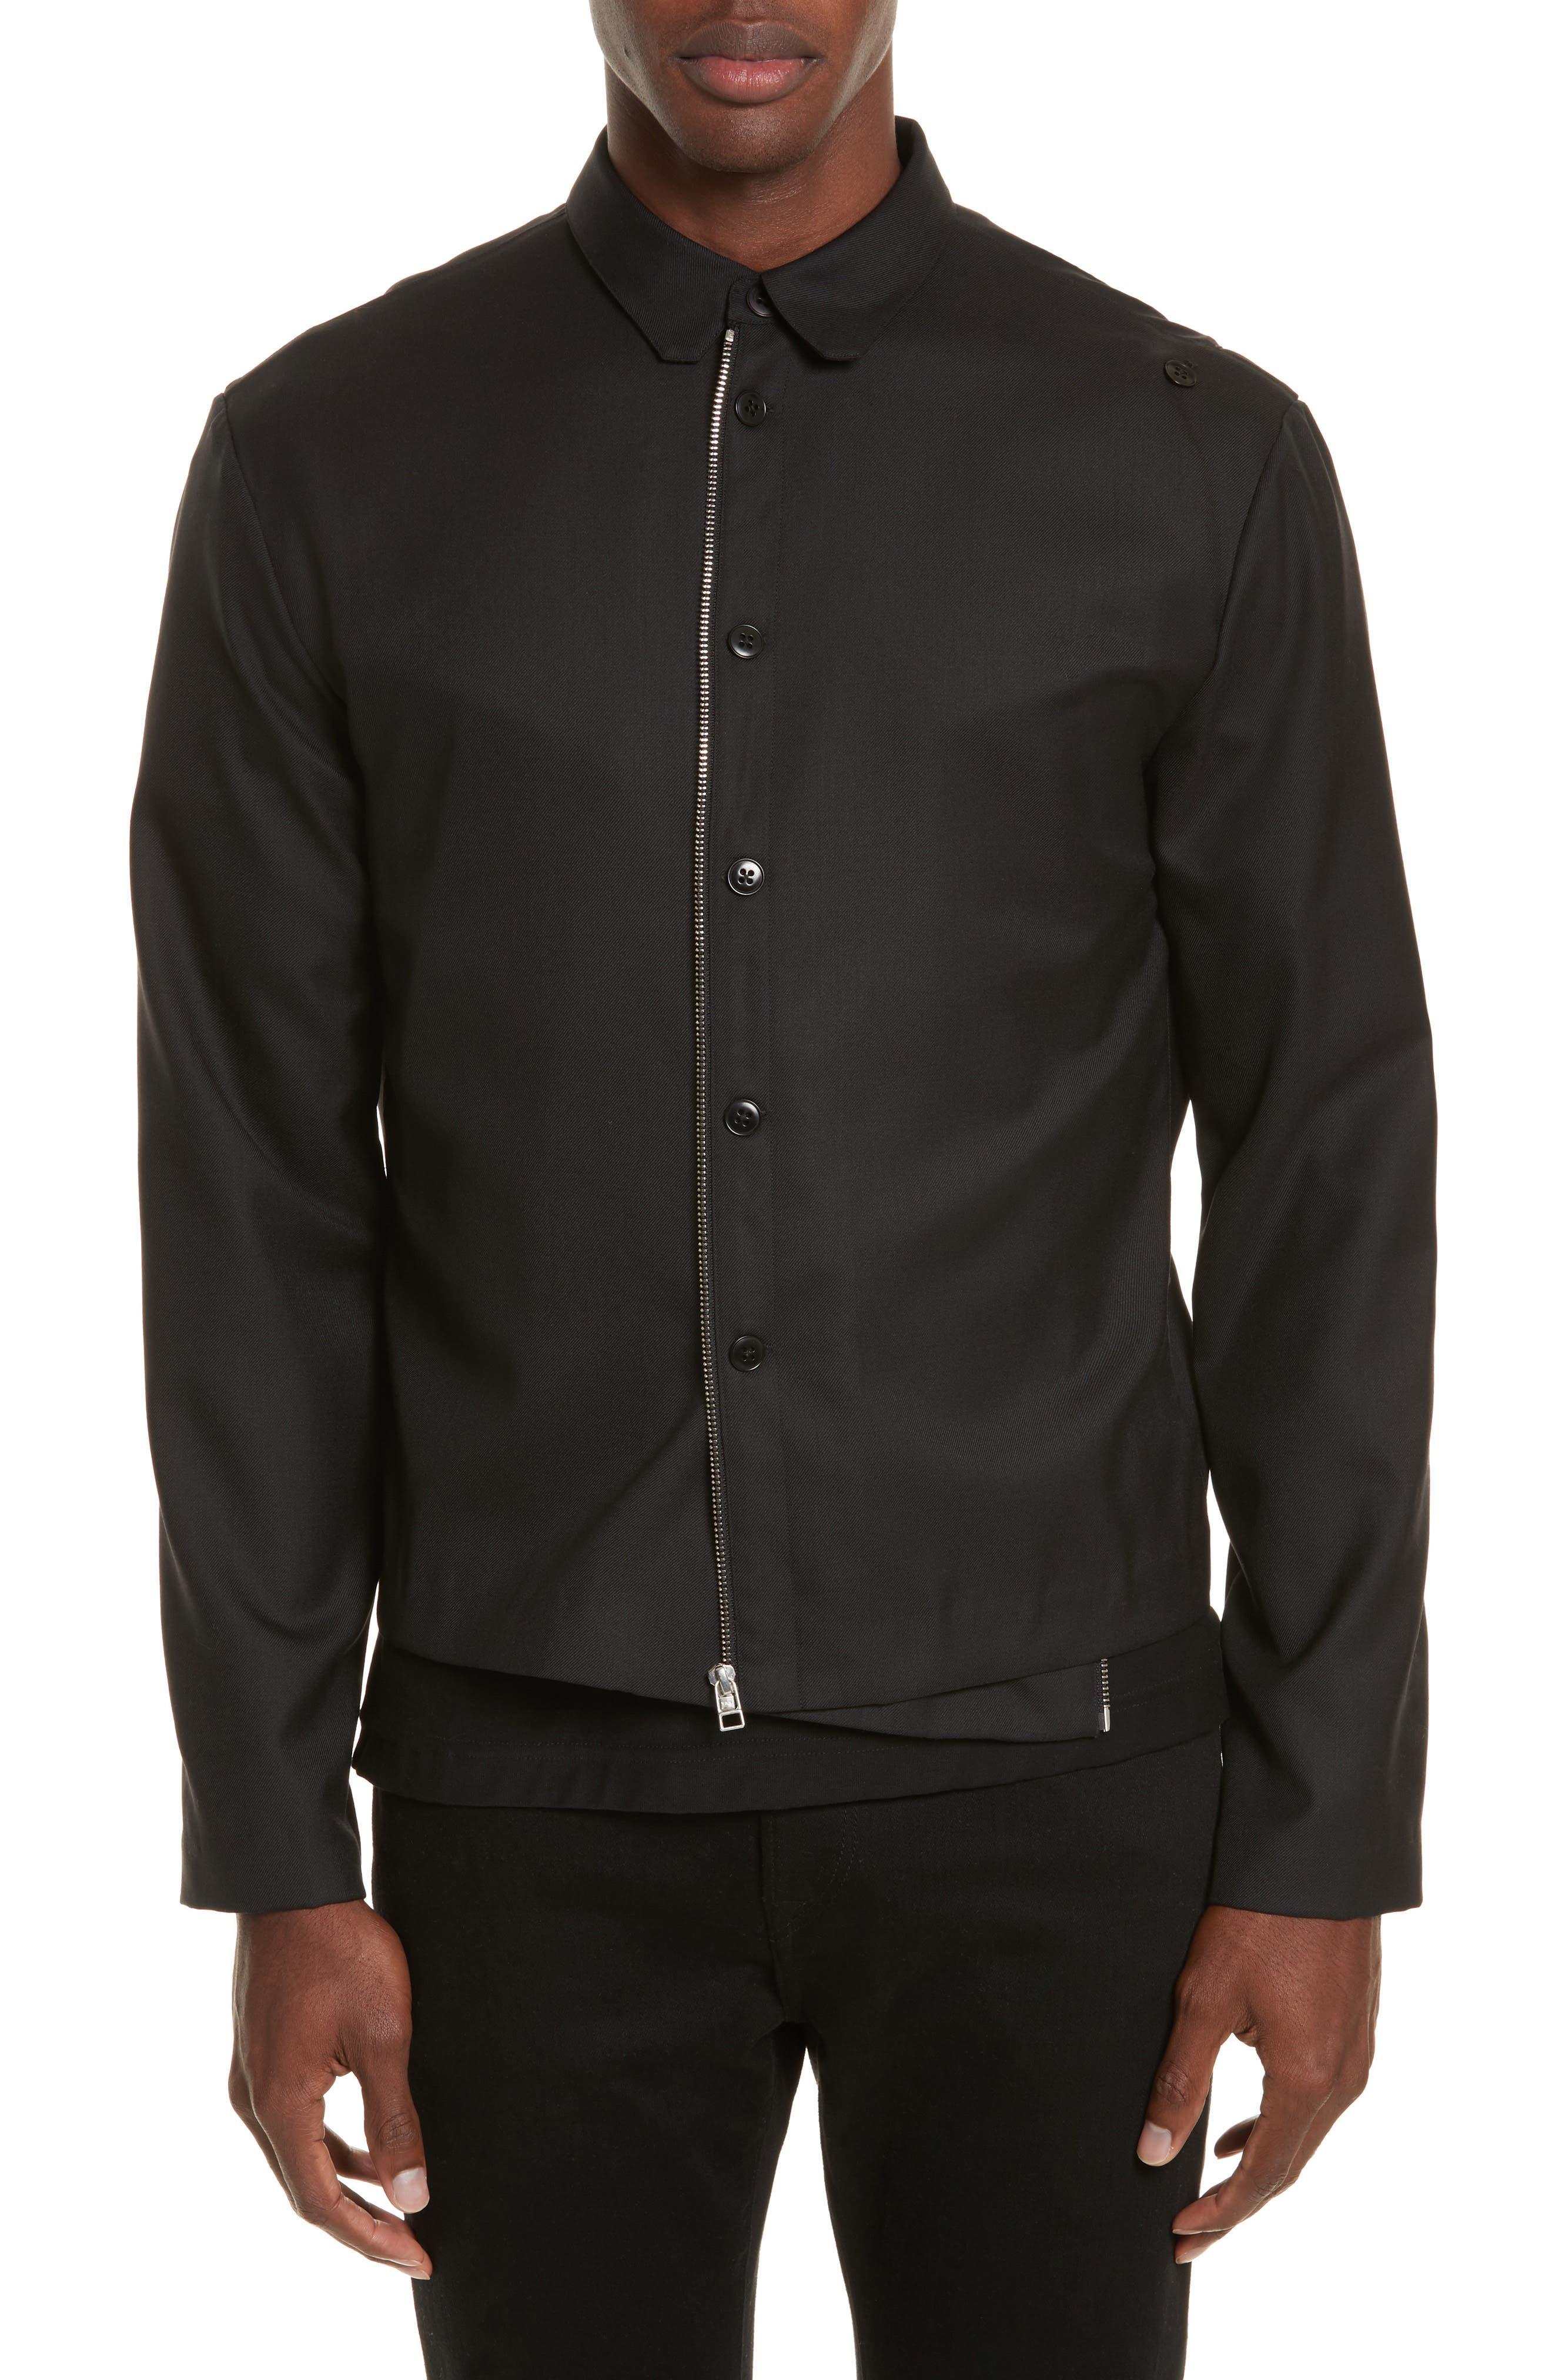 Expandable Jacket,                             Alternate thumbnail 4, color,                             Black